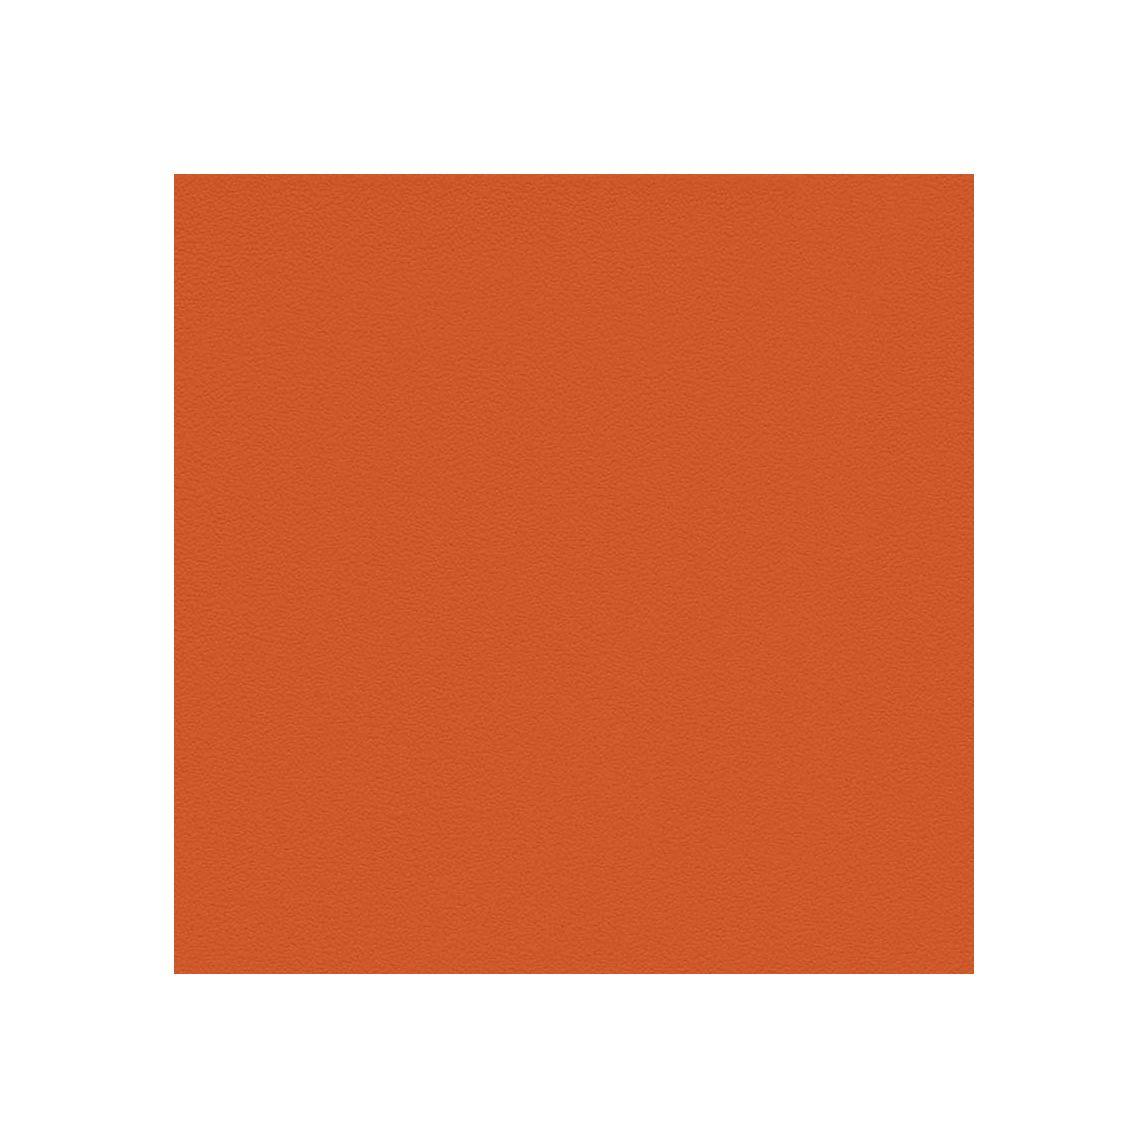 Tangelo Tangelo Swatch